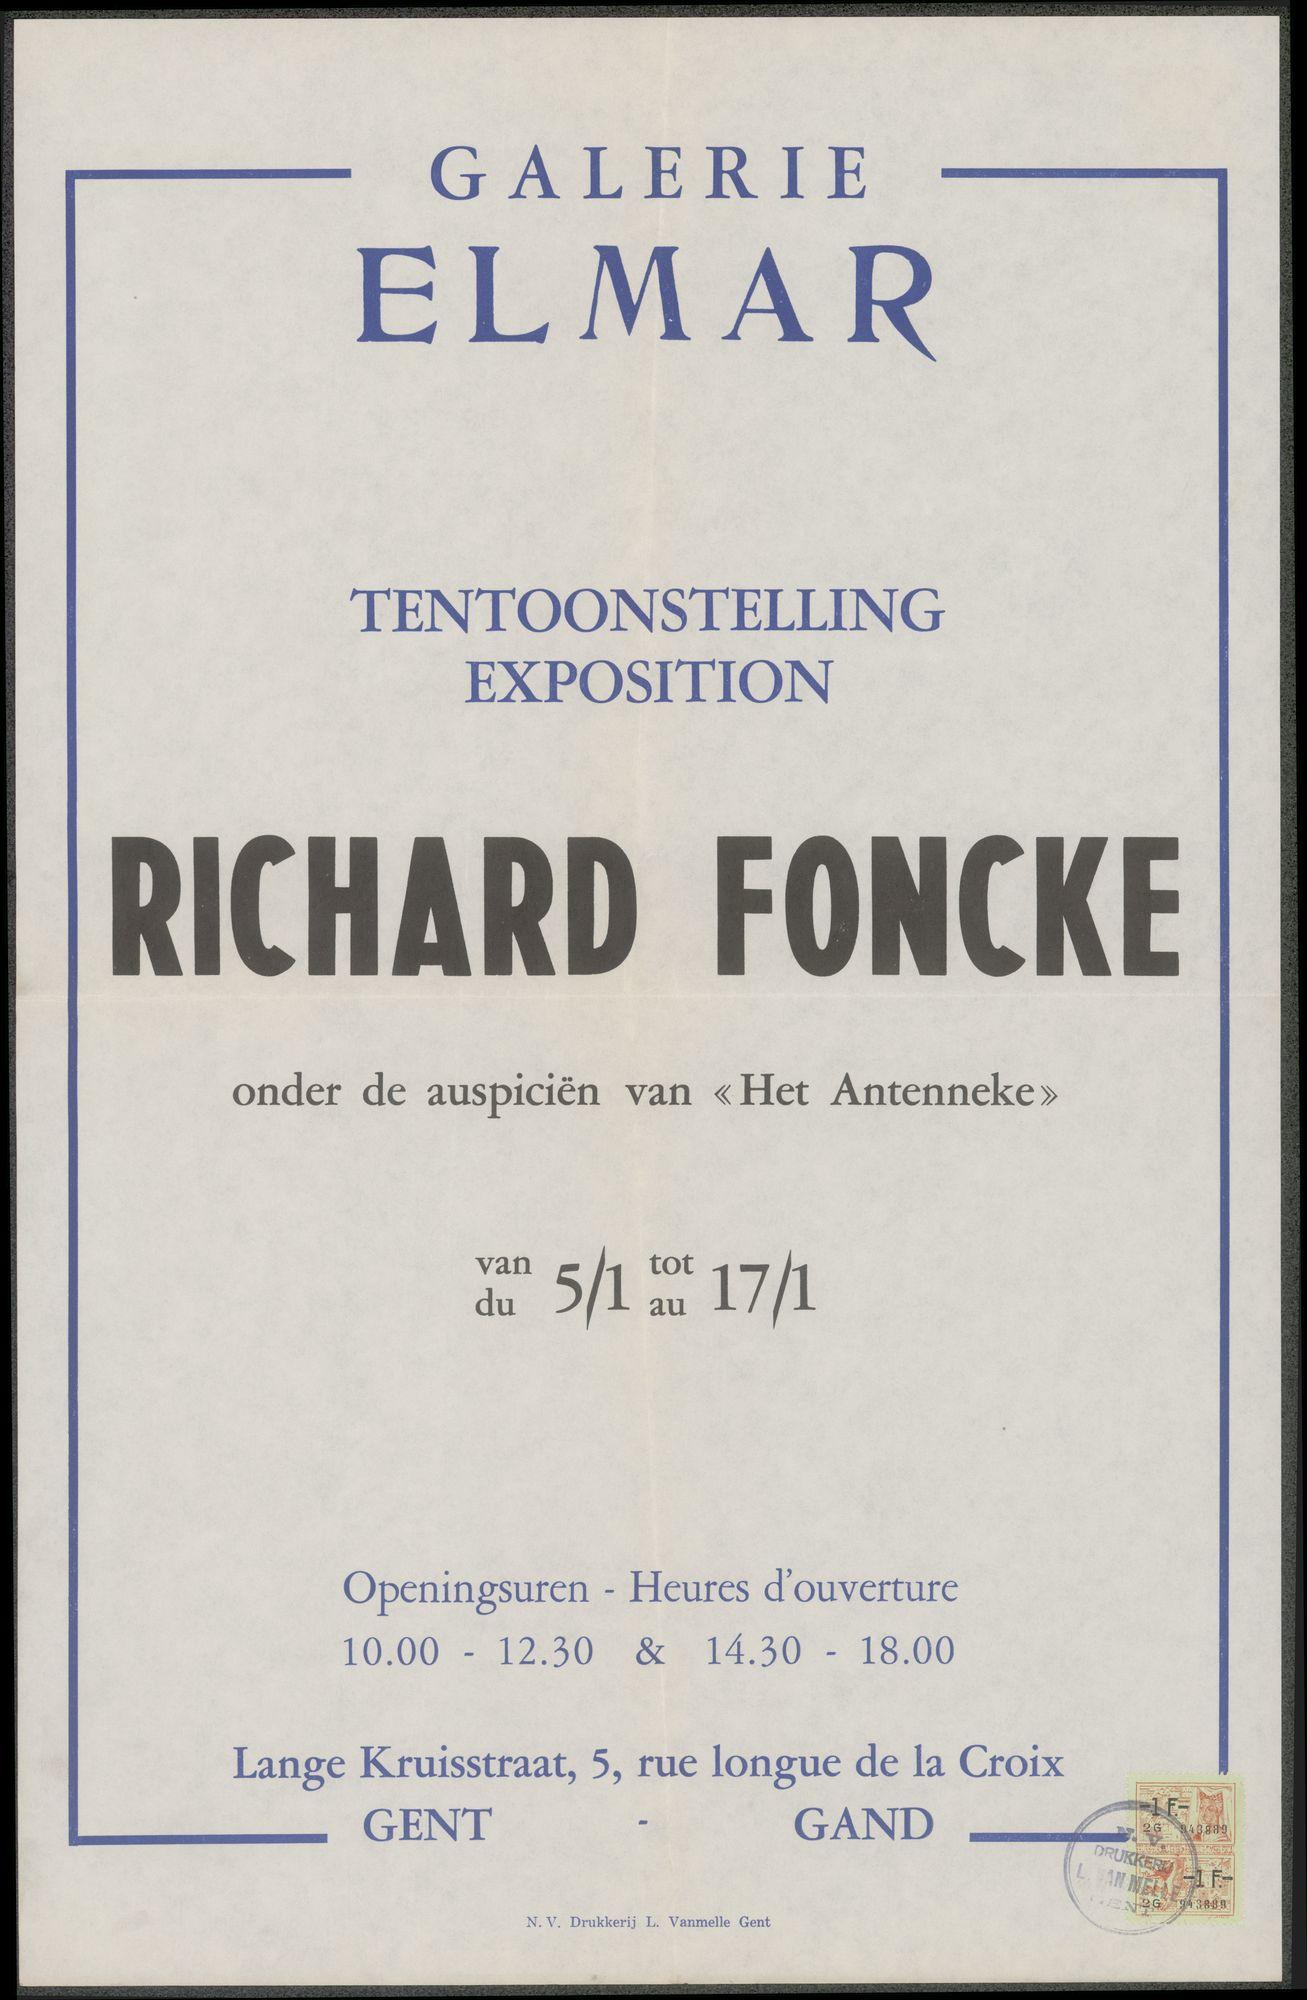 Tentoonstelling Richard  Foncke, onder de auspiciën van Het Antenneke, Galerie Elmar, Lage Kruisstraat 5, Gent, 5 januari - 17 januari 1958